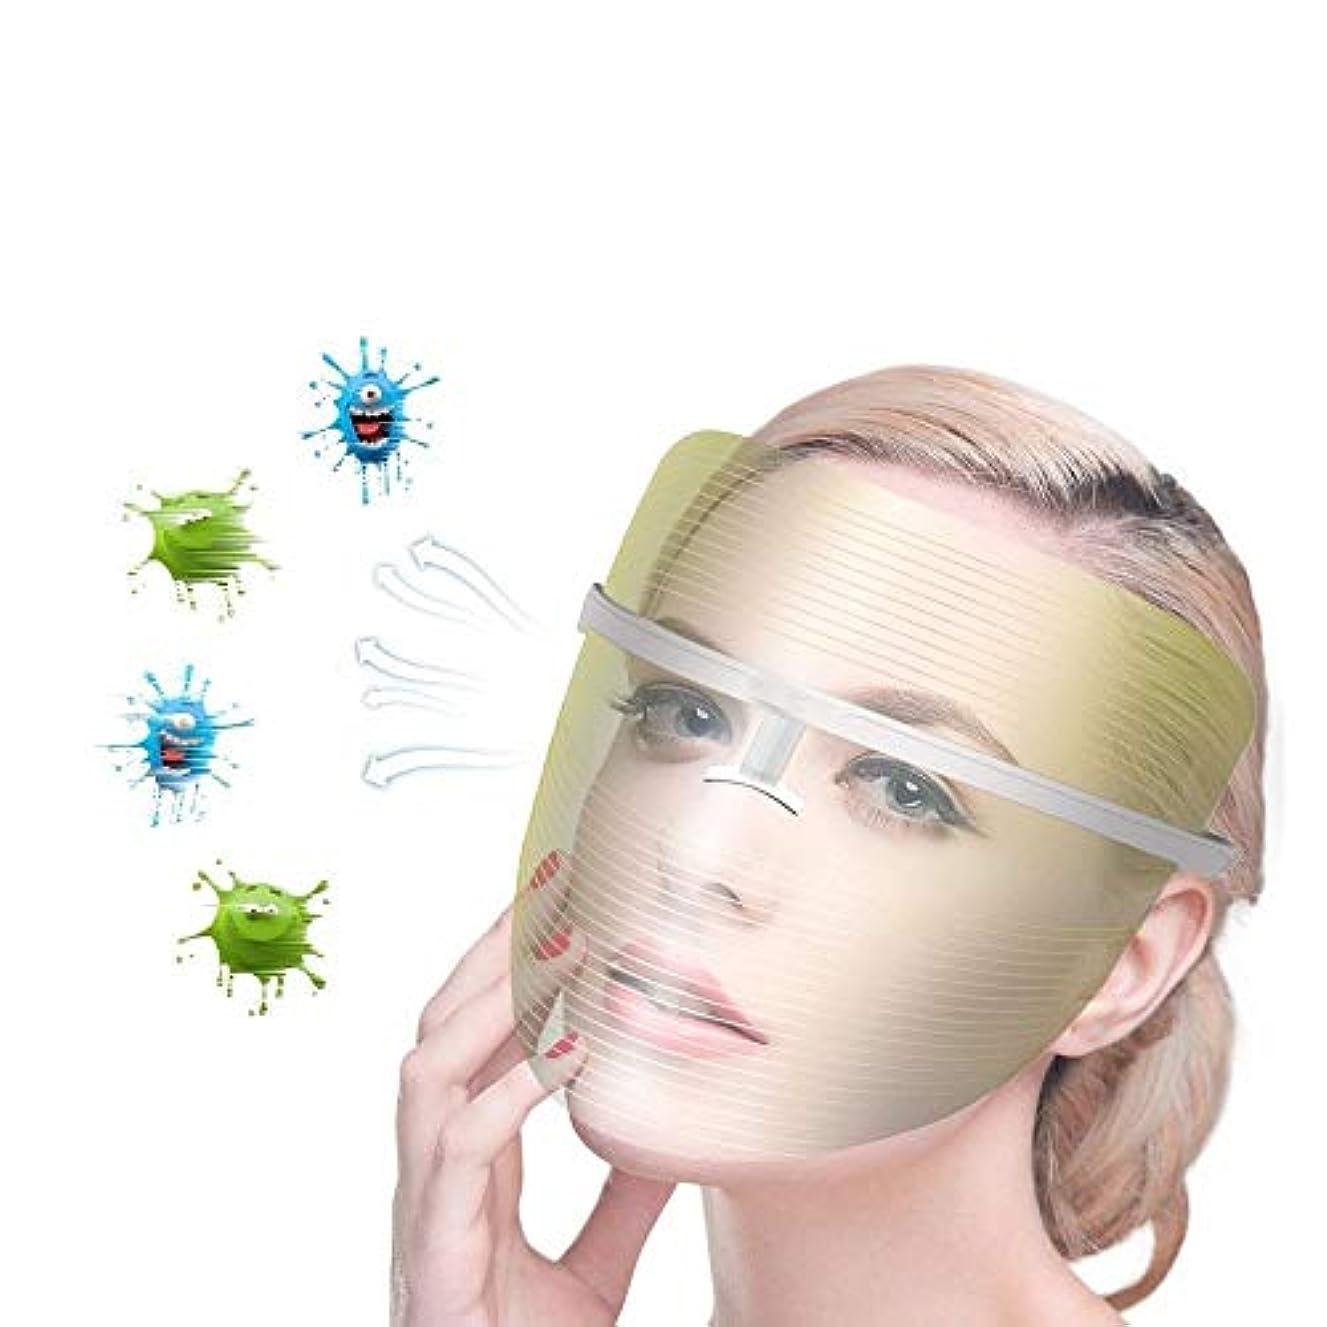 不完全な成功副詞ライトセラピー?マスク、ライトセラピーは、にきびスポットリンクル傷を硬化、にきび治療3色フェイスフォトンは、フェイススキンケア若返りのためのアンチエイジングスキンケアマスクマスク (Color : White)